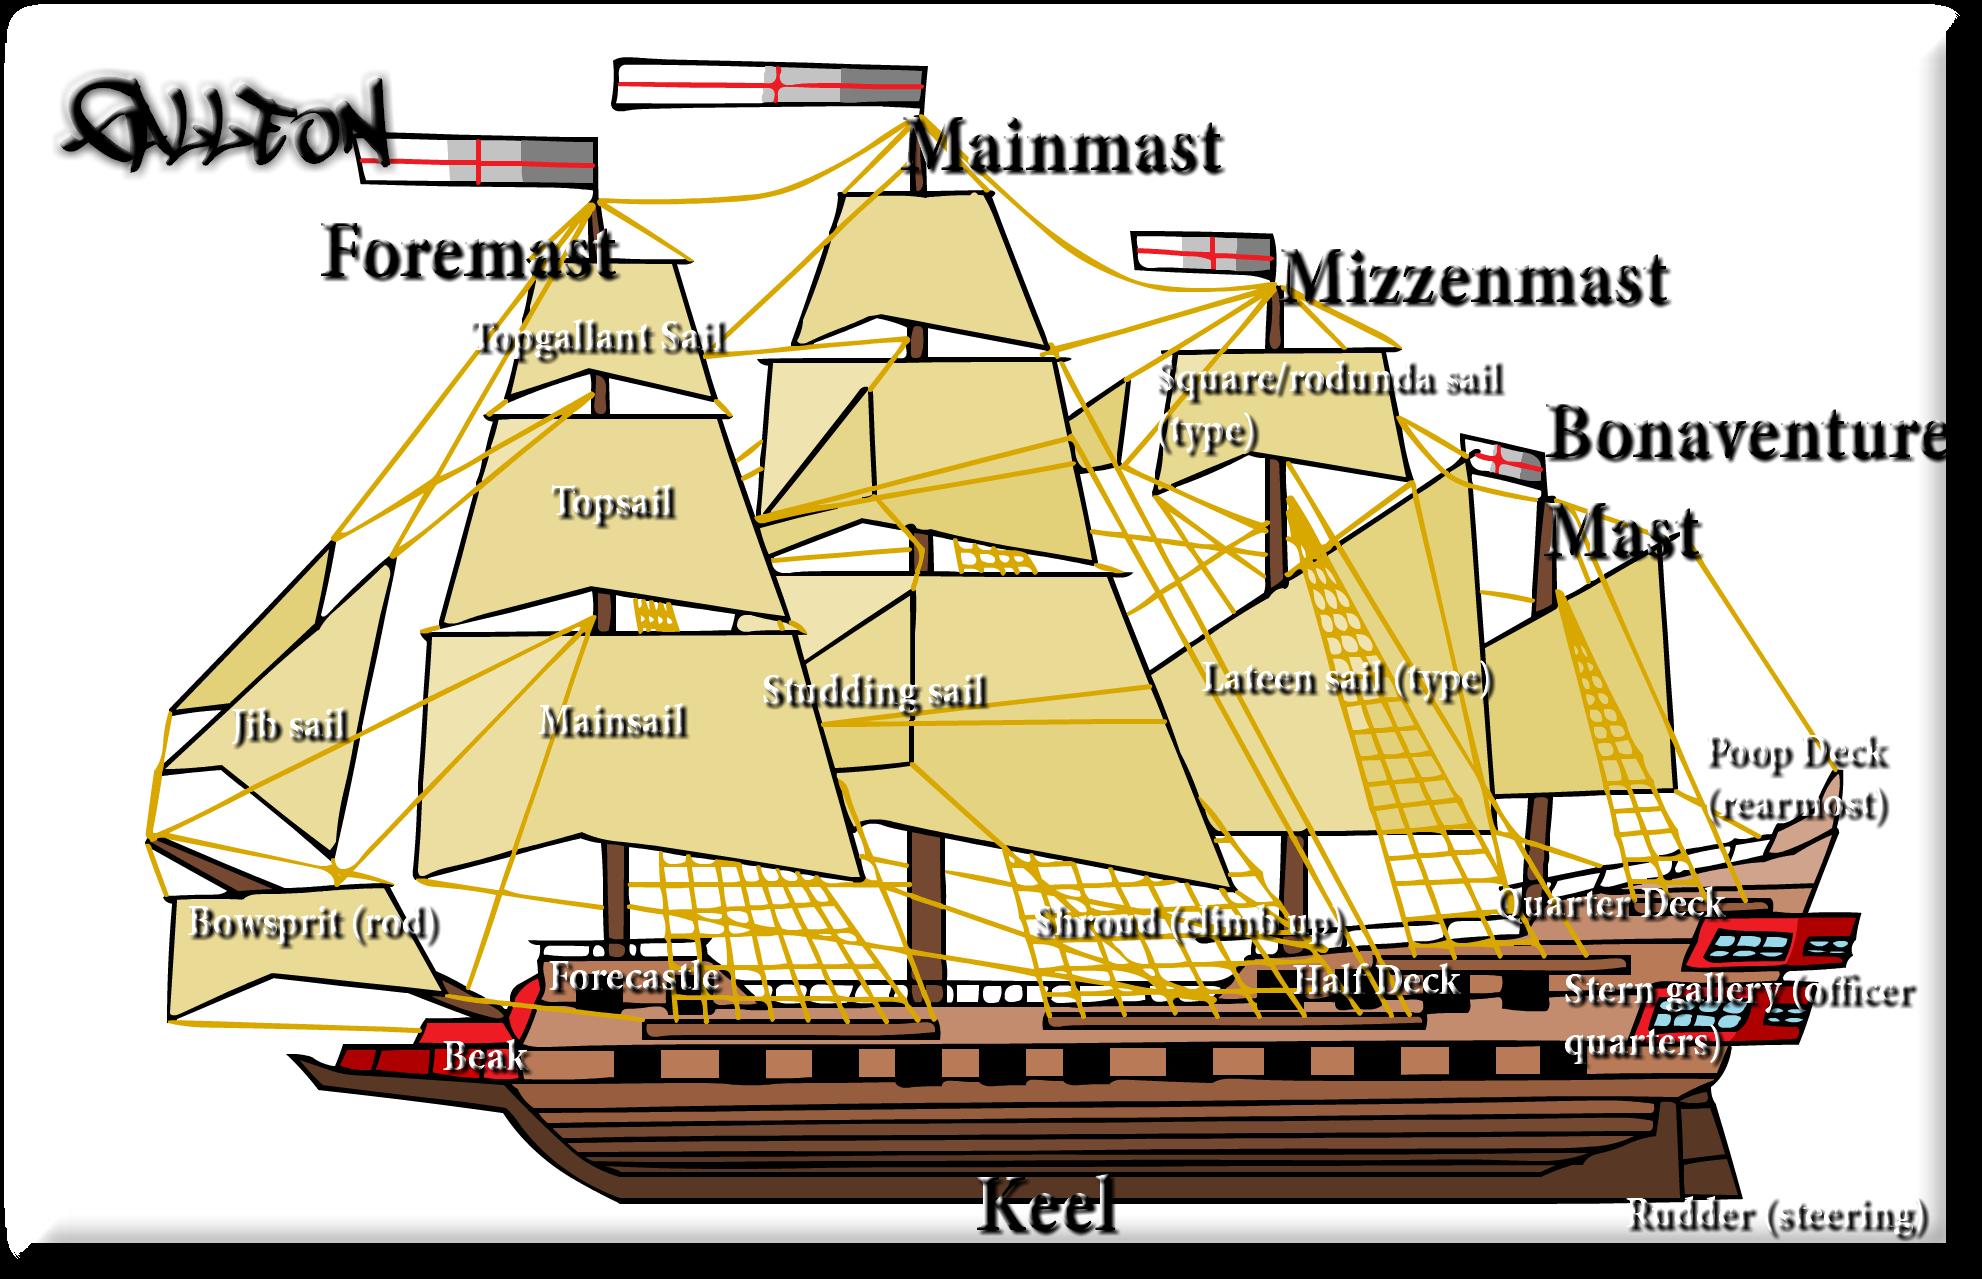 Ship Glossary